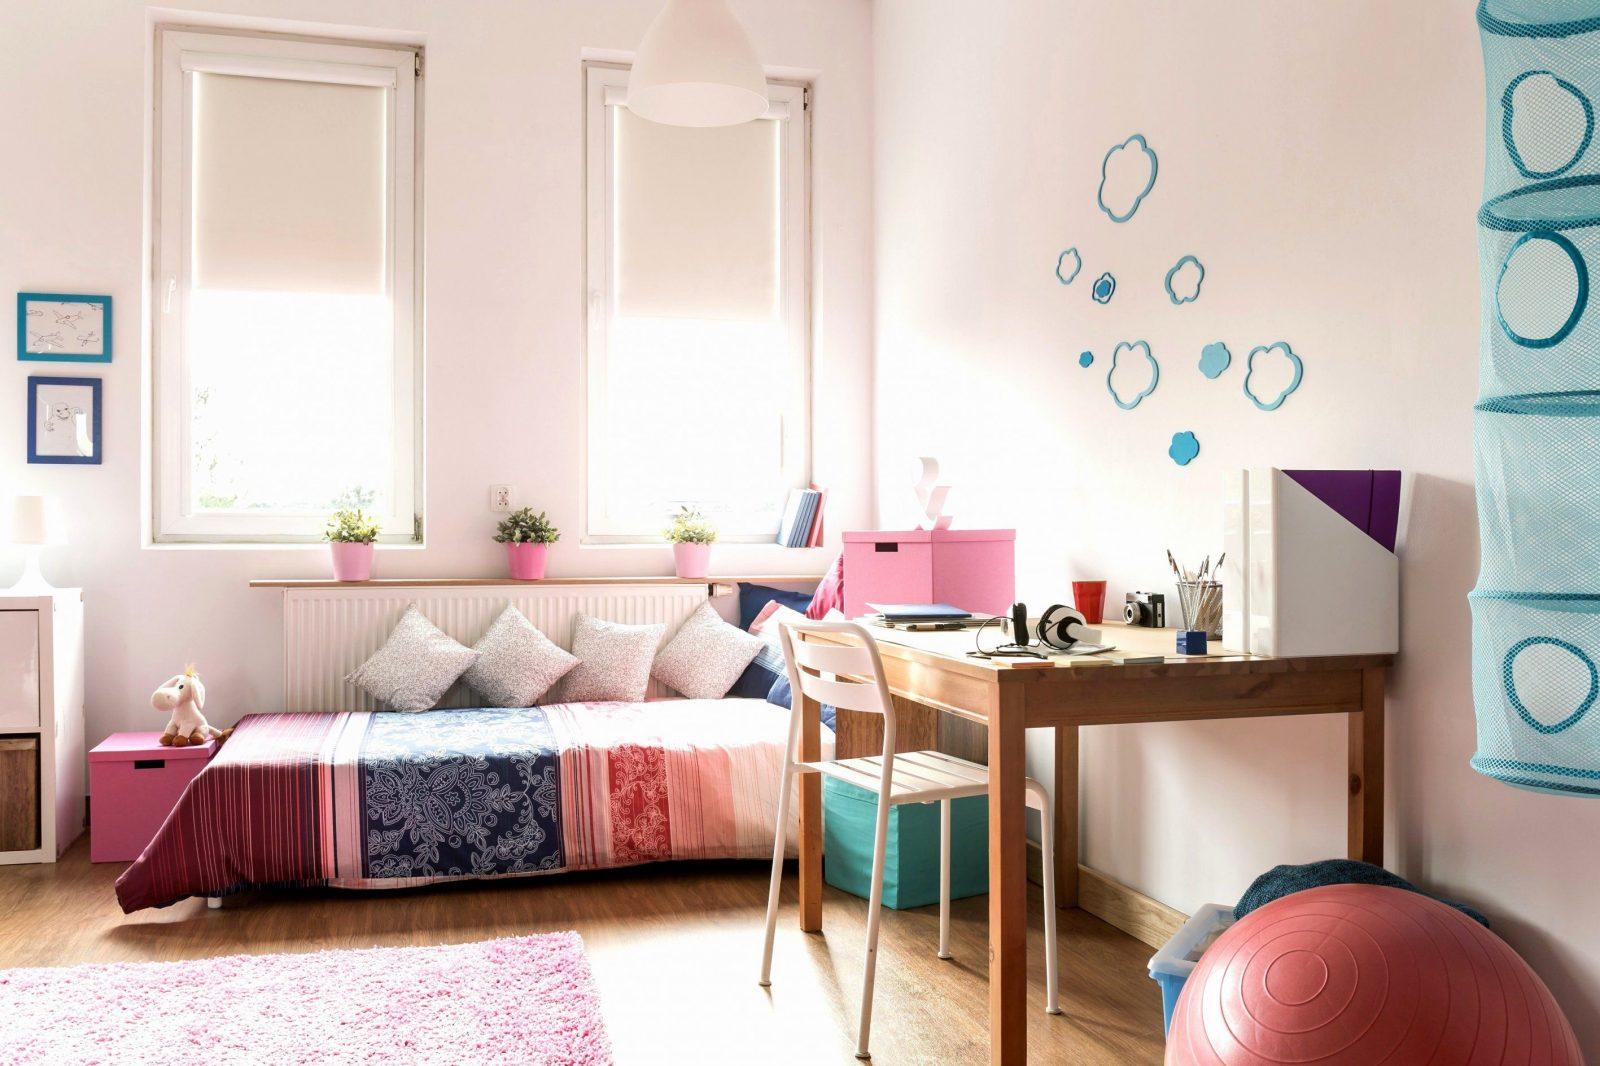 Wohnideen  Jugendzimmer Ideen Und Einzigartig 20 Jugendzimmer von Ideen Für Jugendzimmer Mädchen Photo